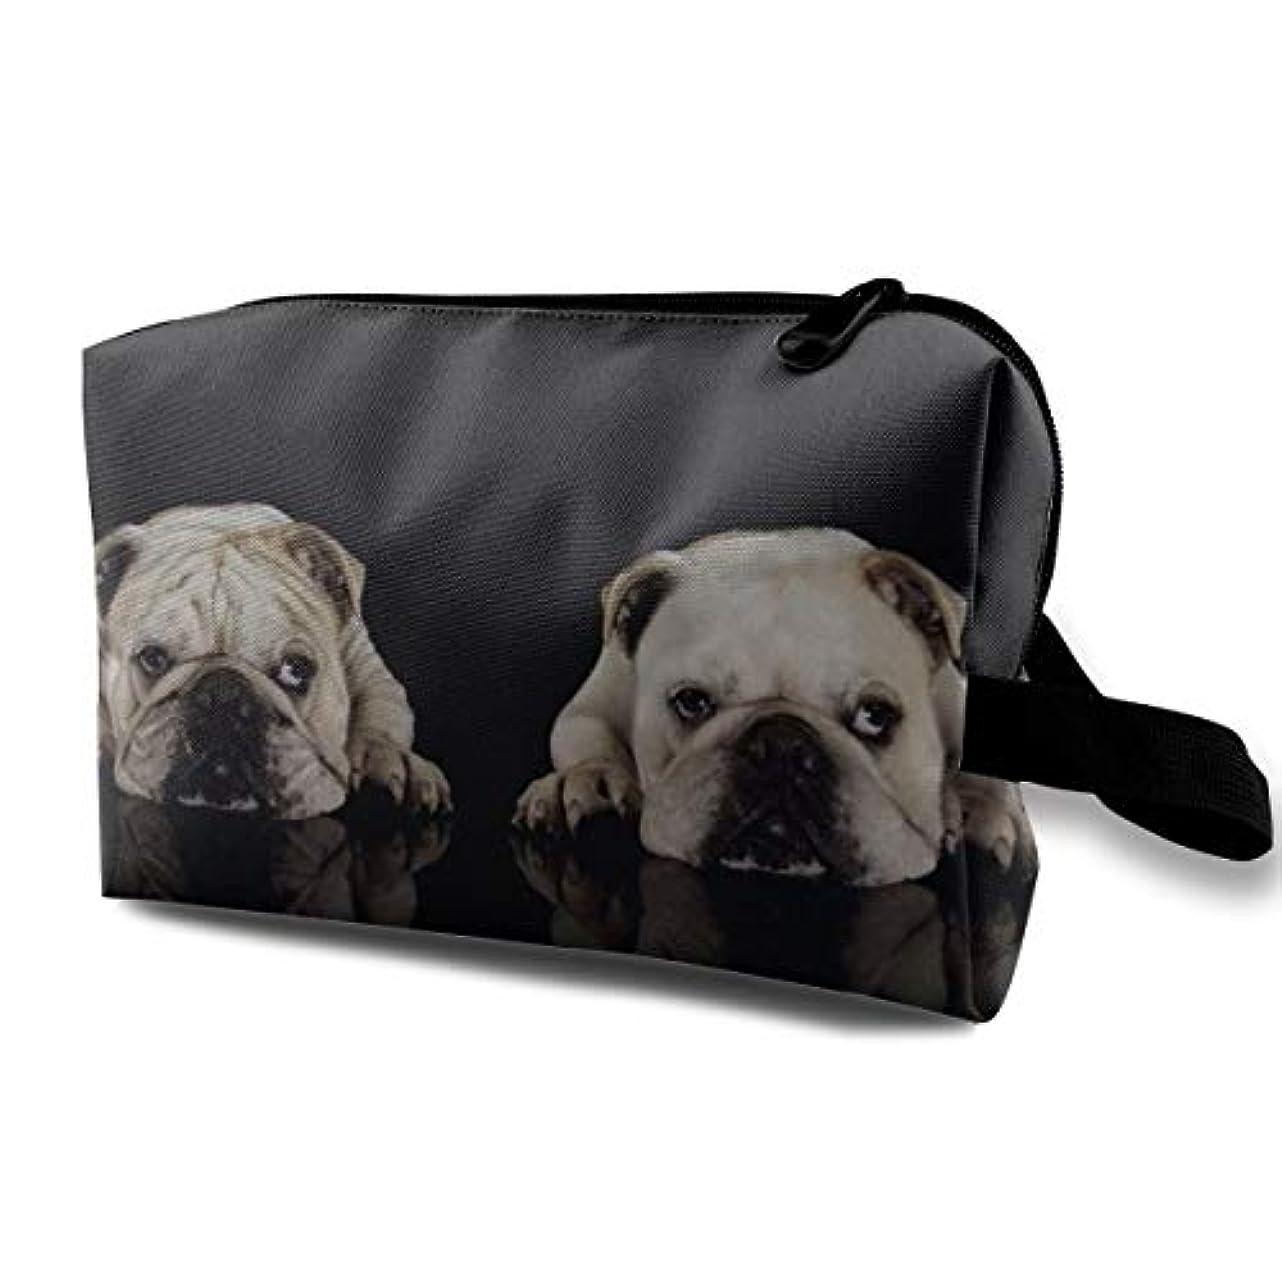 エンゲージメントプットするTwo Cute Bull Dog 収納ポーチ 化粧ポーチ 大容量 軽量 耐久性 ハンドル付持ち運び便利。入れ 自宅?出張?旅行?アウトドア撮影などに対応。メンズ レディース トラベルグッズ